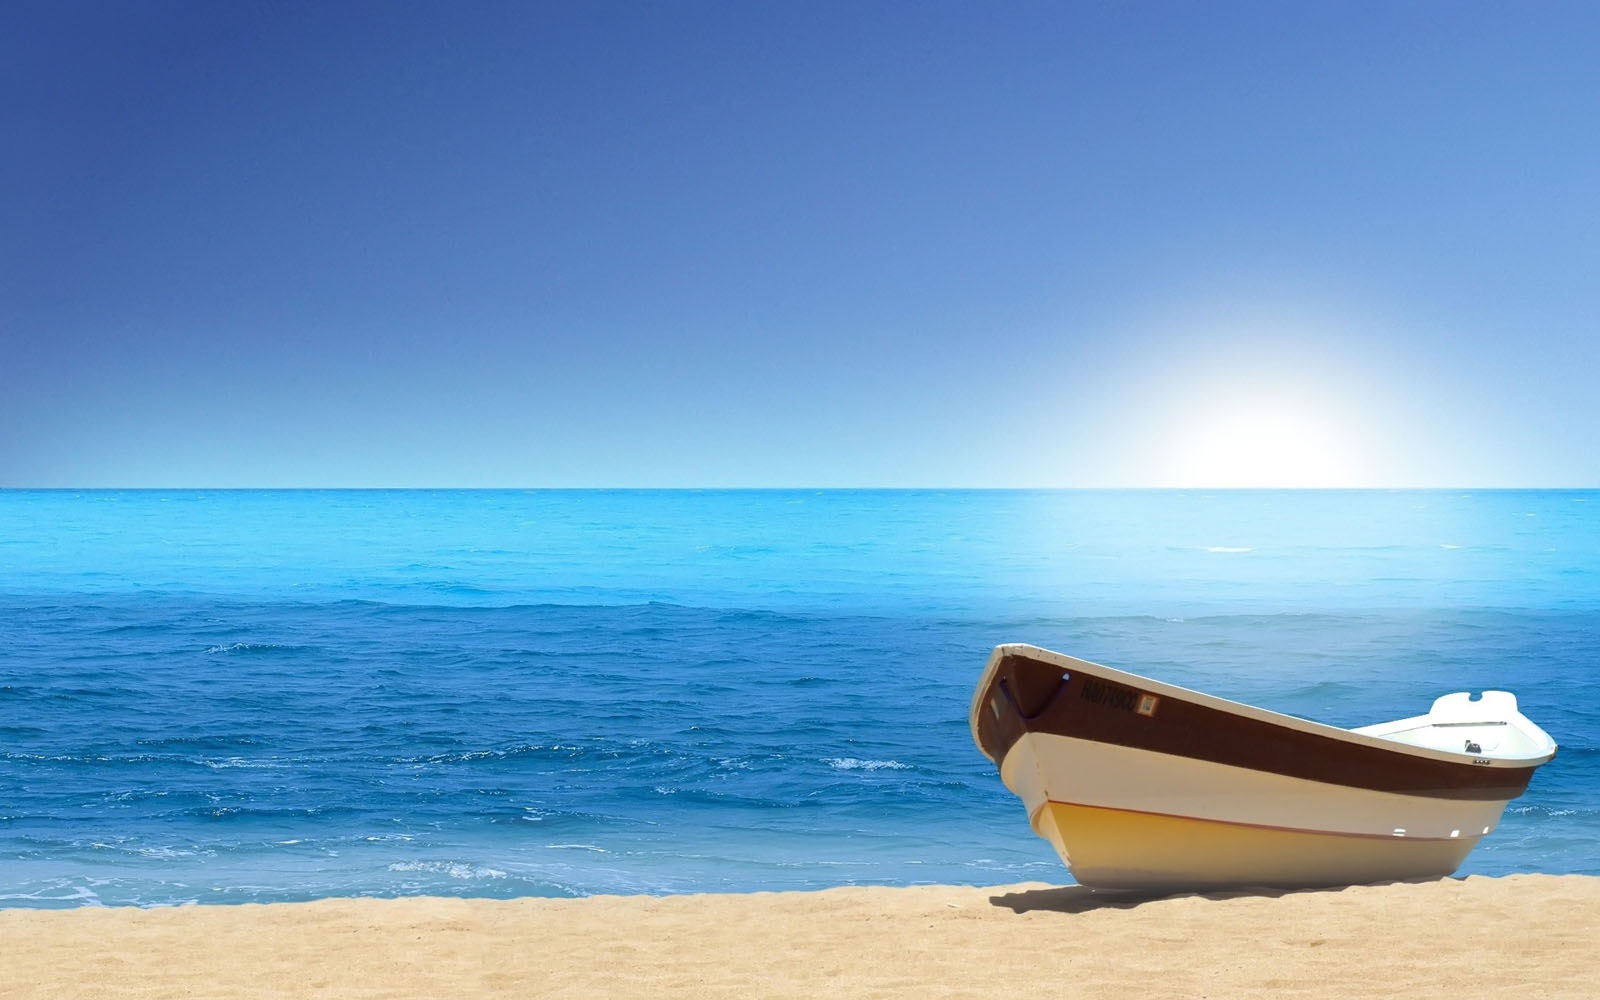 مناظر طبيعية للبحر اجمل 7